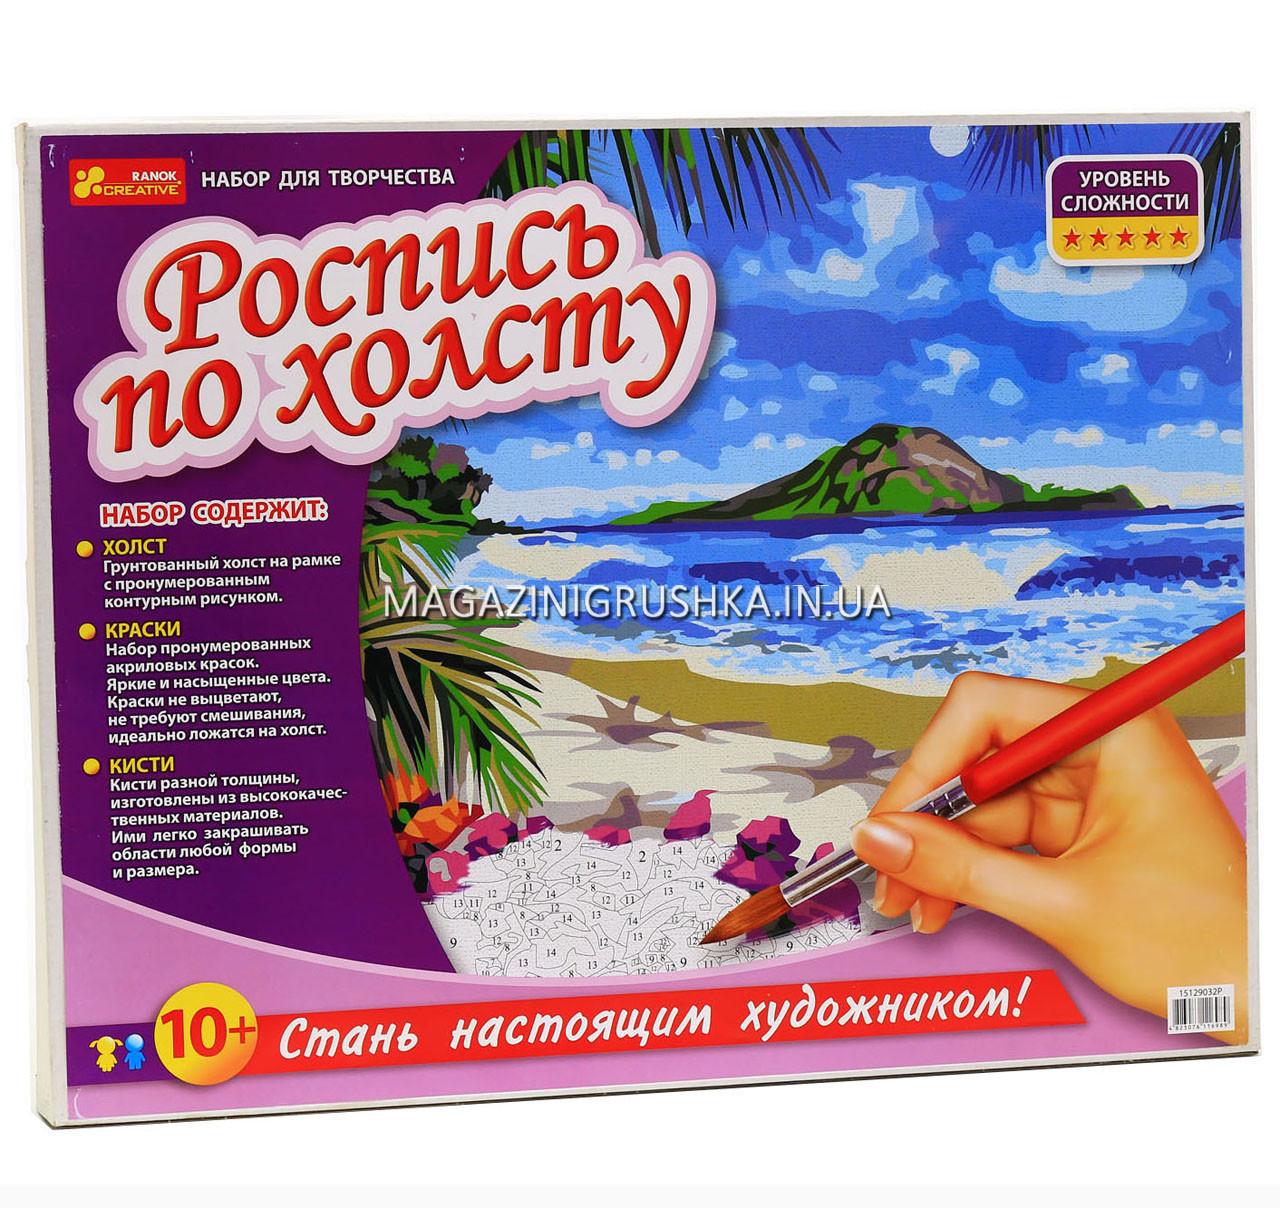 Картина по номерам роспись по холсту Тропический рай 15129032Р